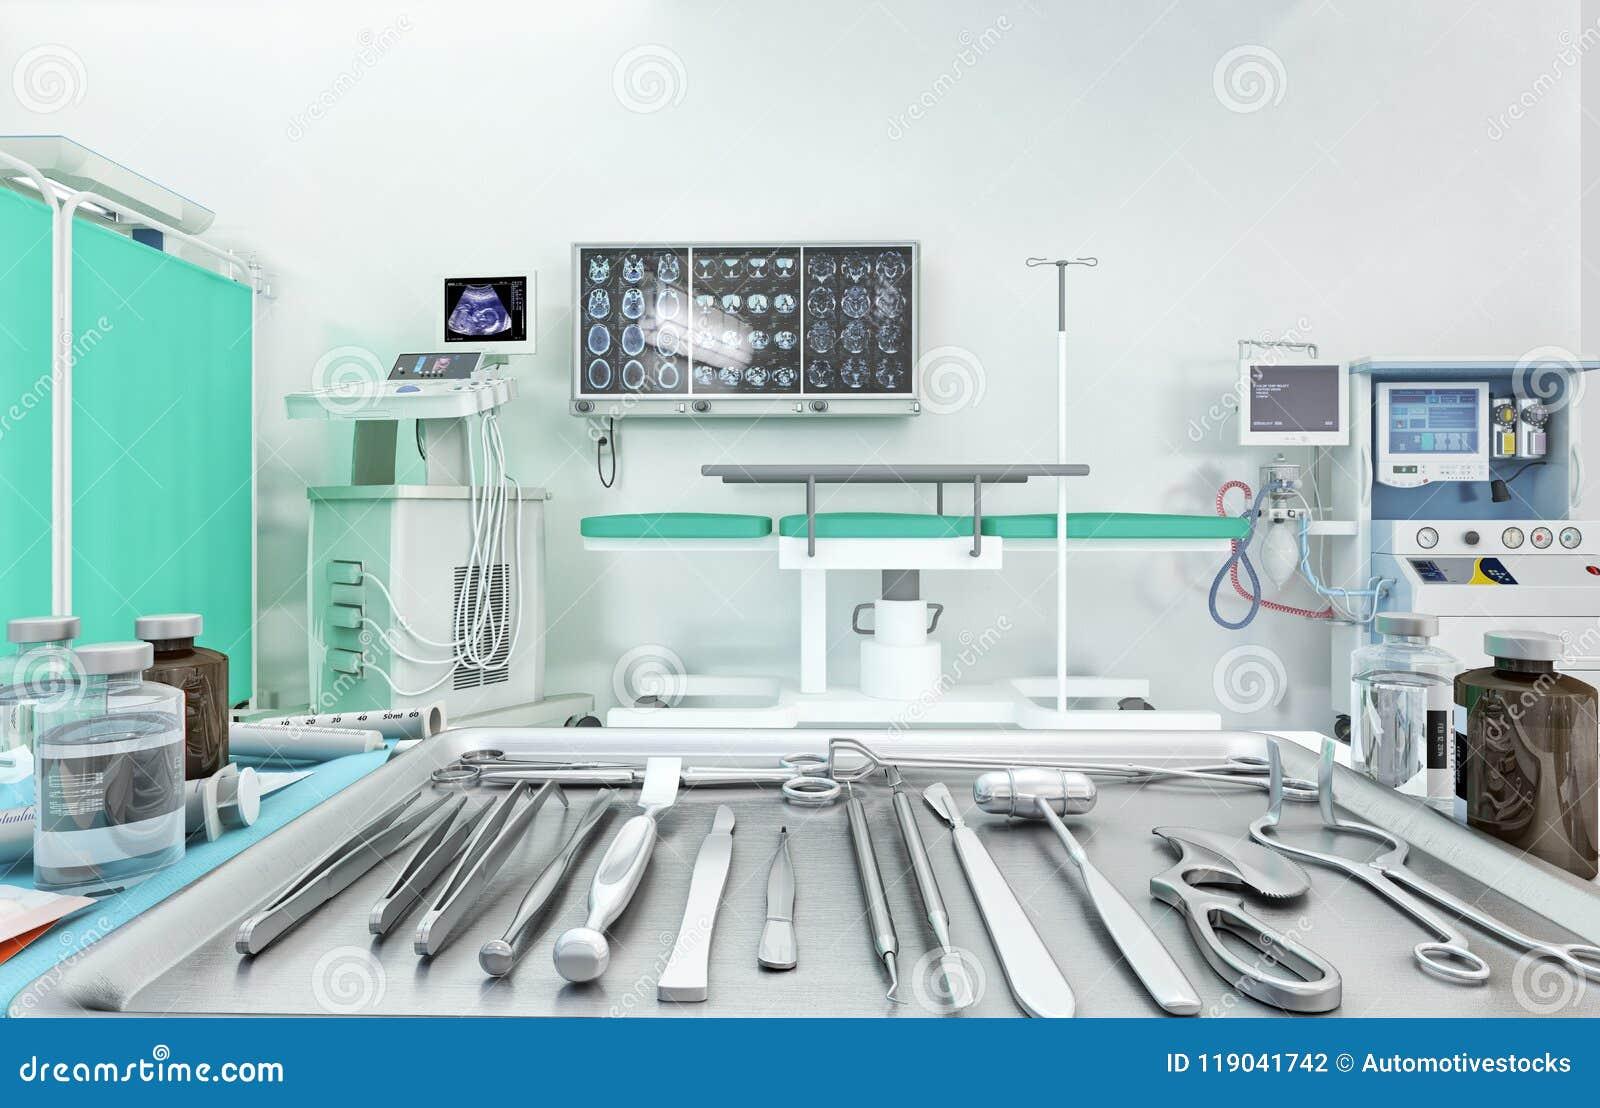 Sprzęt medyczny, przyrząda w nowożytnej sala operacyjnej ilustracja 3 d